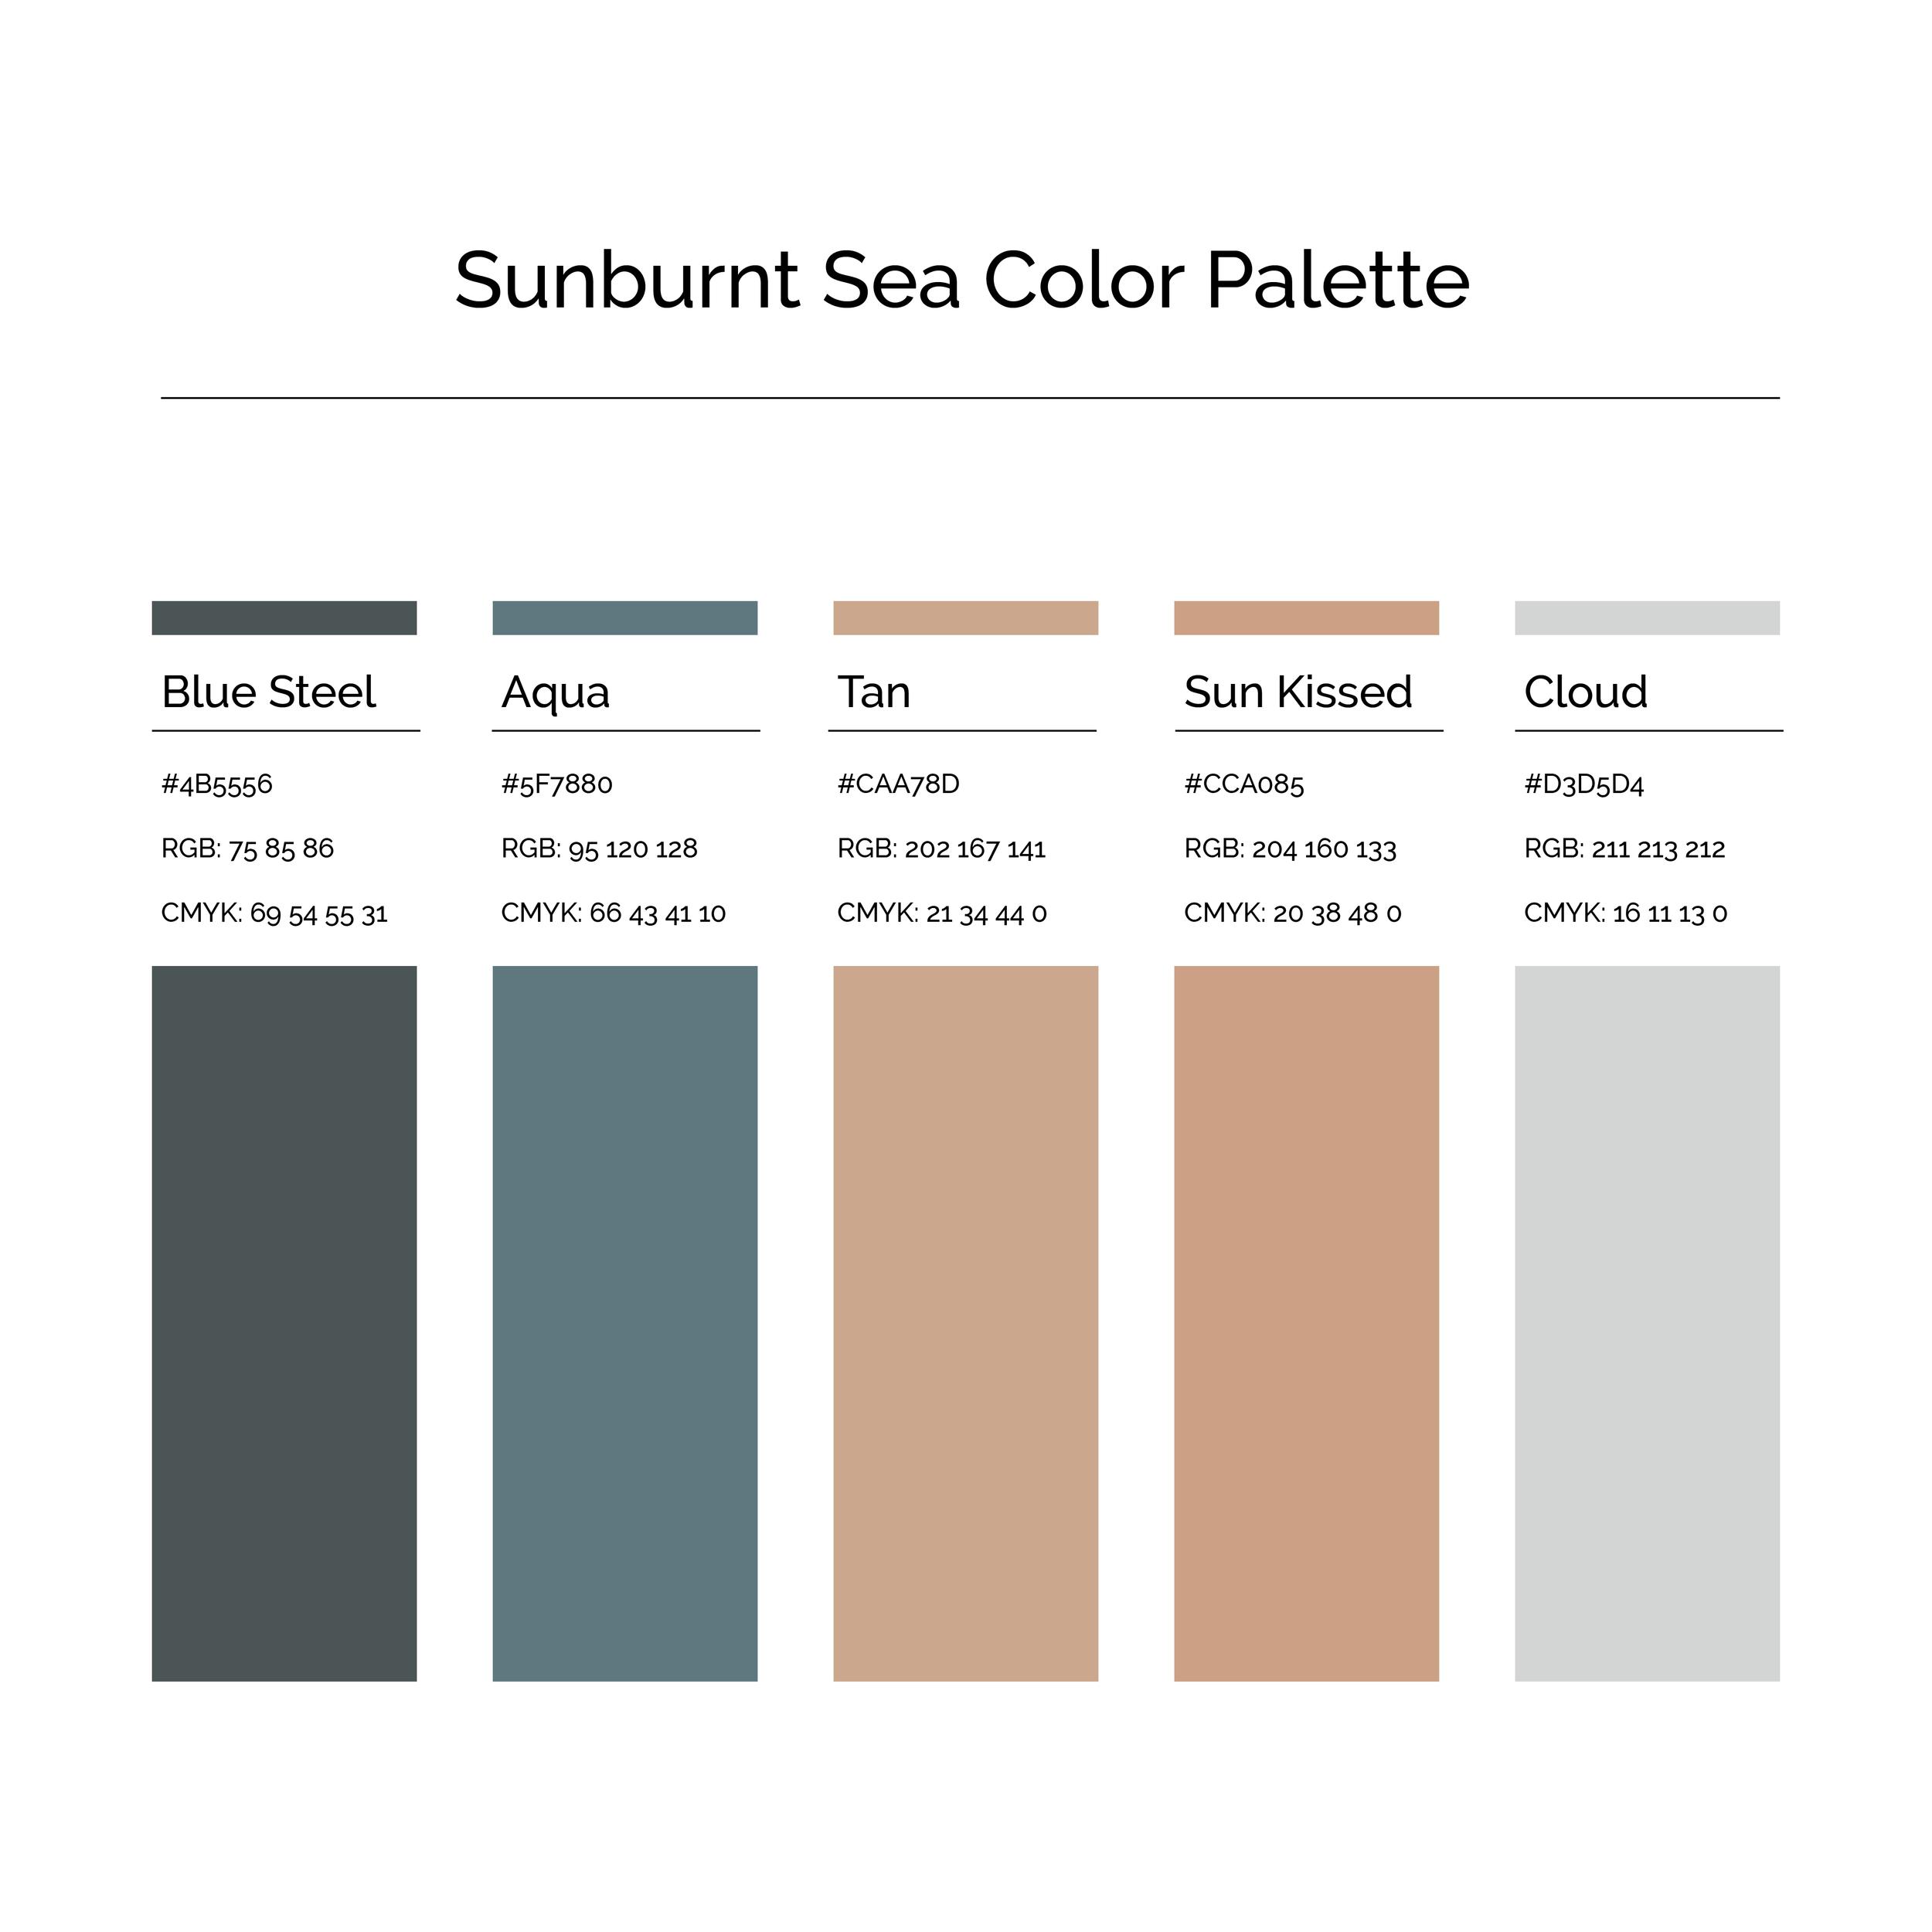 15 More Color Palettes | Sunburnt Sea Color Palette